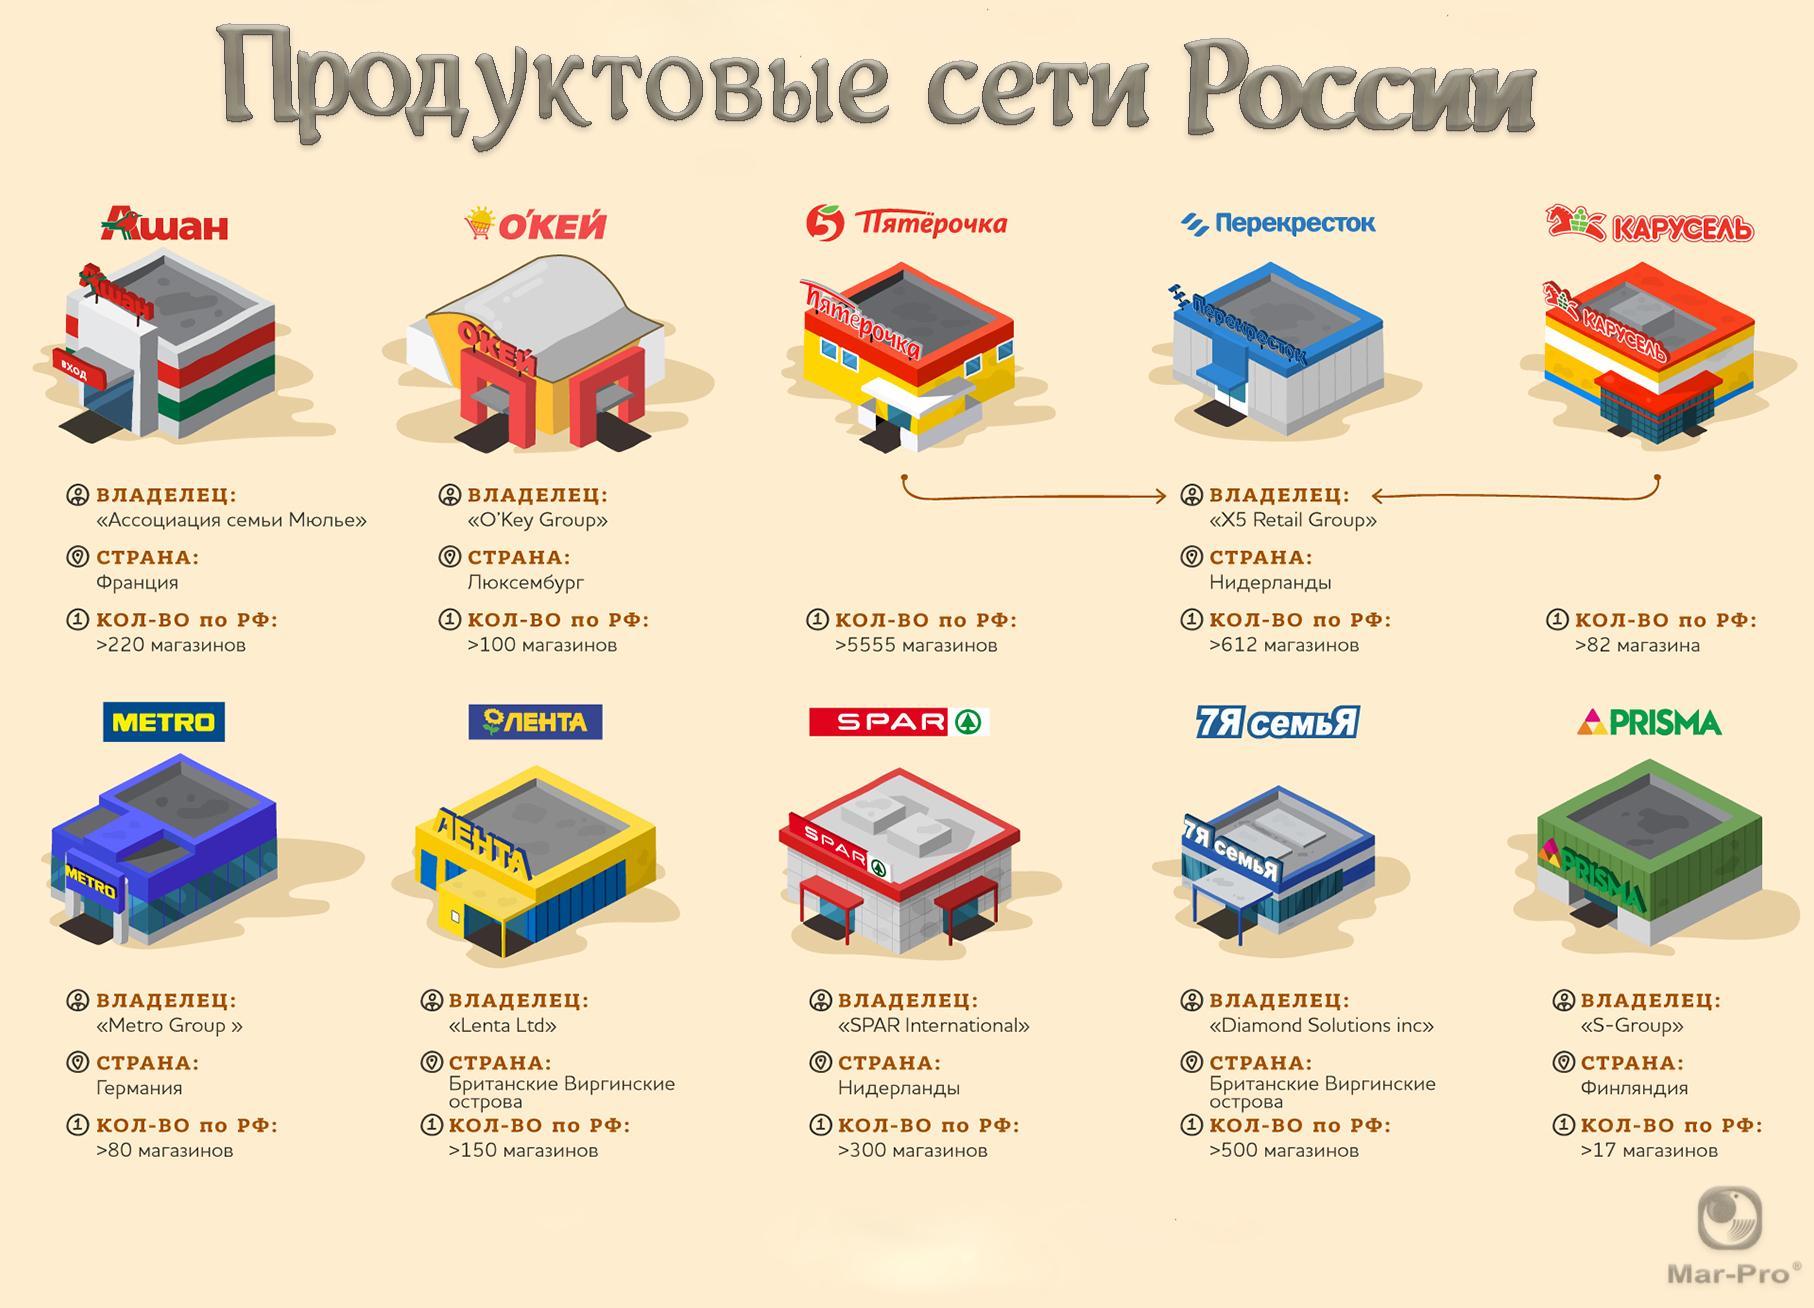 продуктовые сети россии